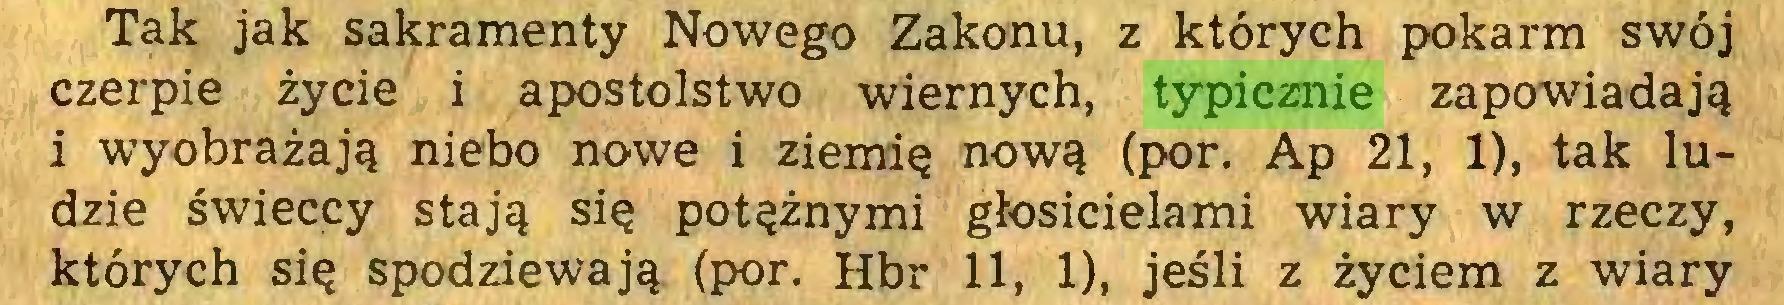 (...) Tak jak sakramenty Nowego Zakonu, z których pokarm swój czerpie życie i apostolstwo wiernych, typicznie zapowiadają i wyobrażają niebo nowe i ziemię nową (por. Ap 21, 1), tak ludzie świeccy stają się potężnymi głosicielami wiary w rzeczy, których się spodziewają (por. Hbr 11, 1), jeśli z życiem z wiary...